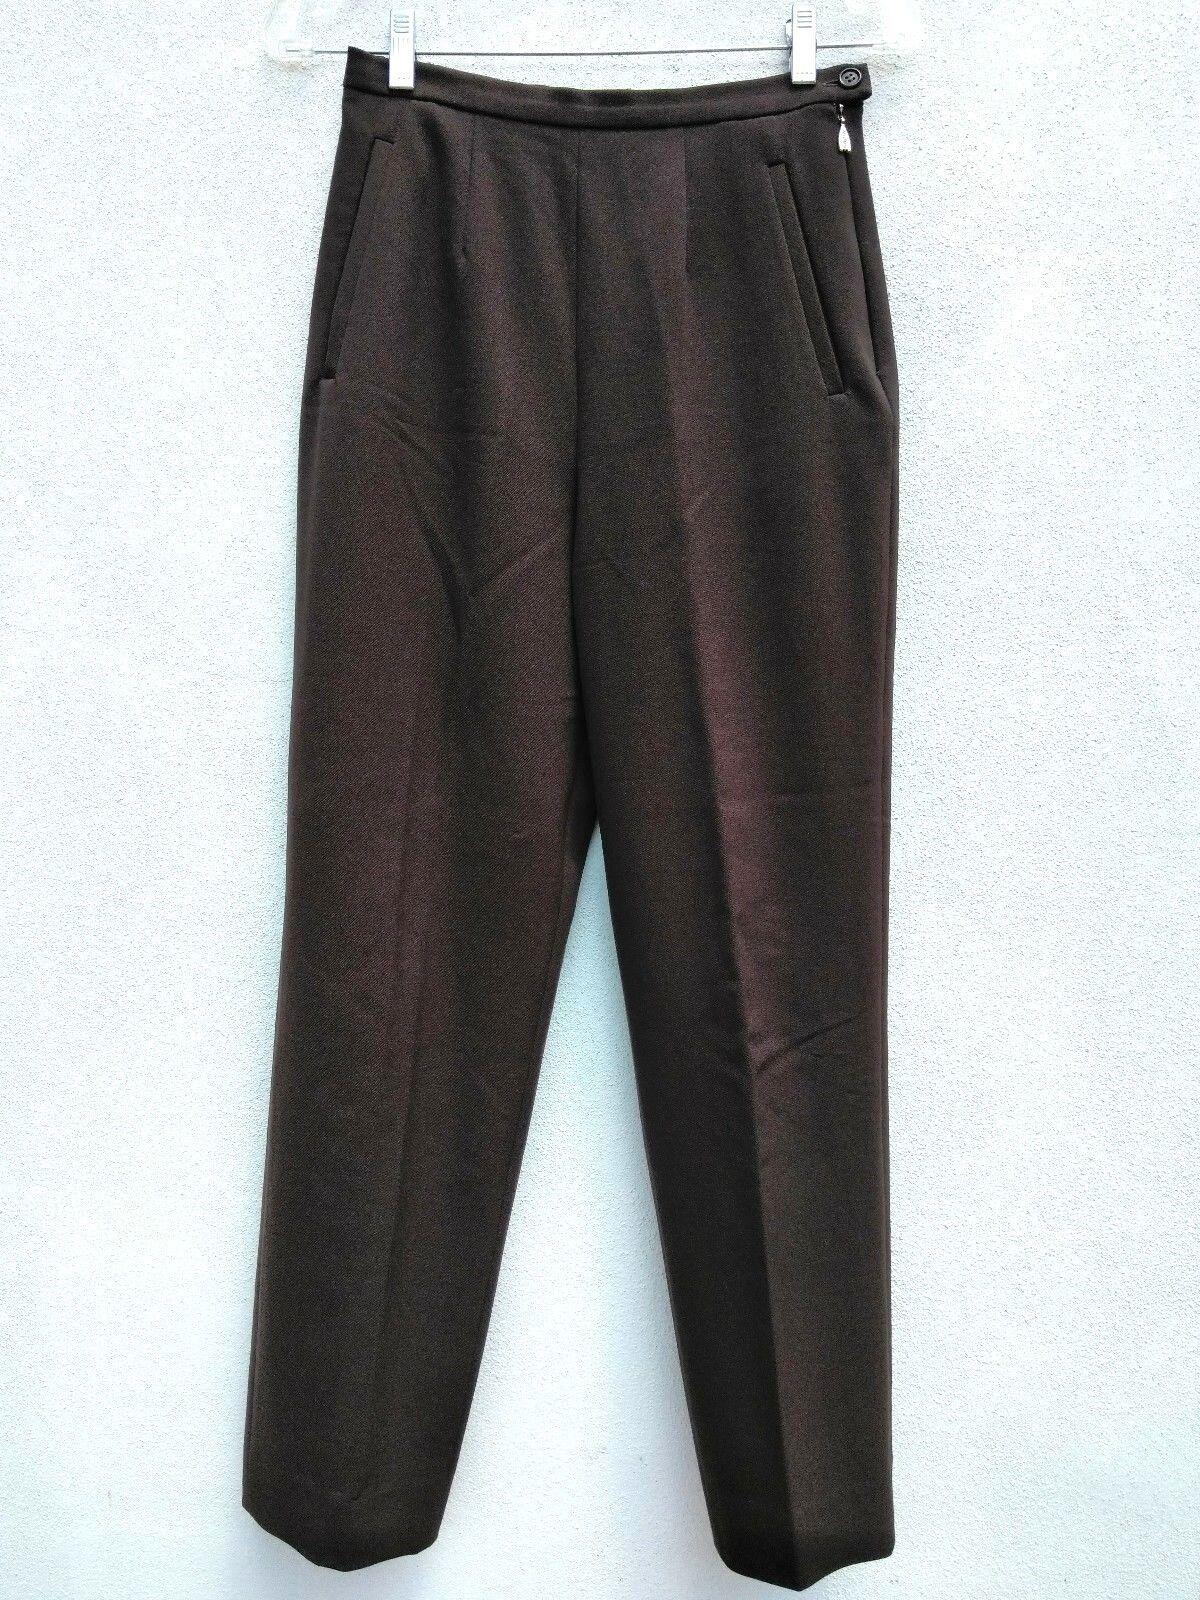 MAX MARA Womens STRETCH WOOL TWILL HIGH WAIST FLAT FRONT TROUSERS Dress Pants 2